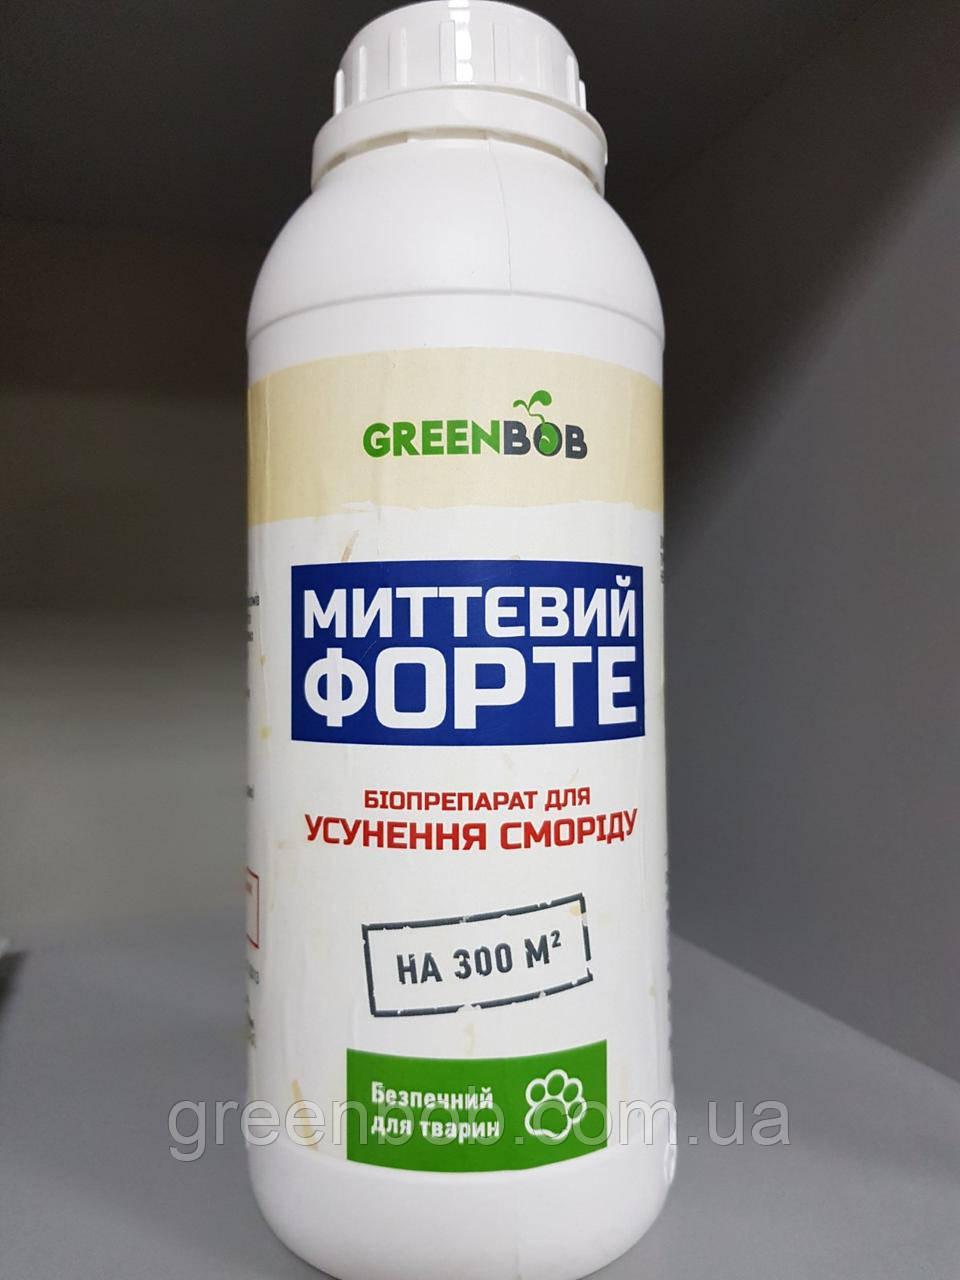 МИТТЄВИЙ Форте біопрепарат для УСУНЕНННЯ СМОРІДУ 1 л